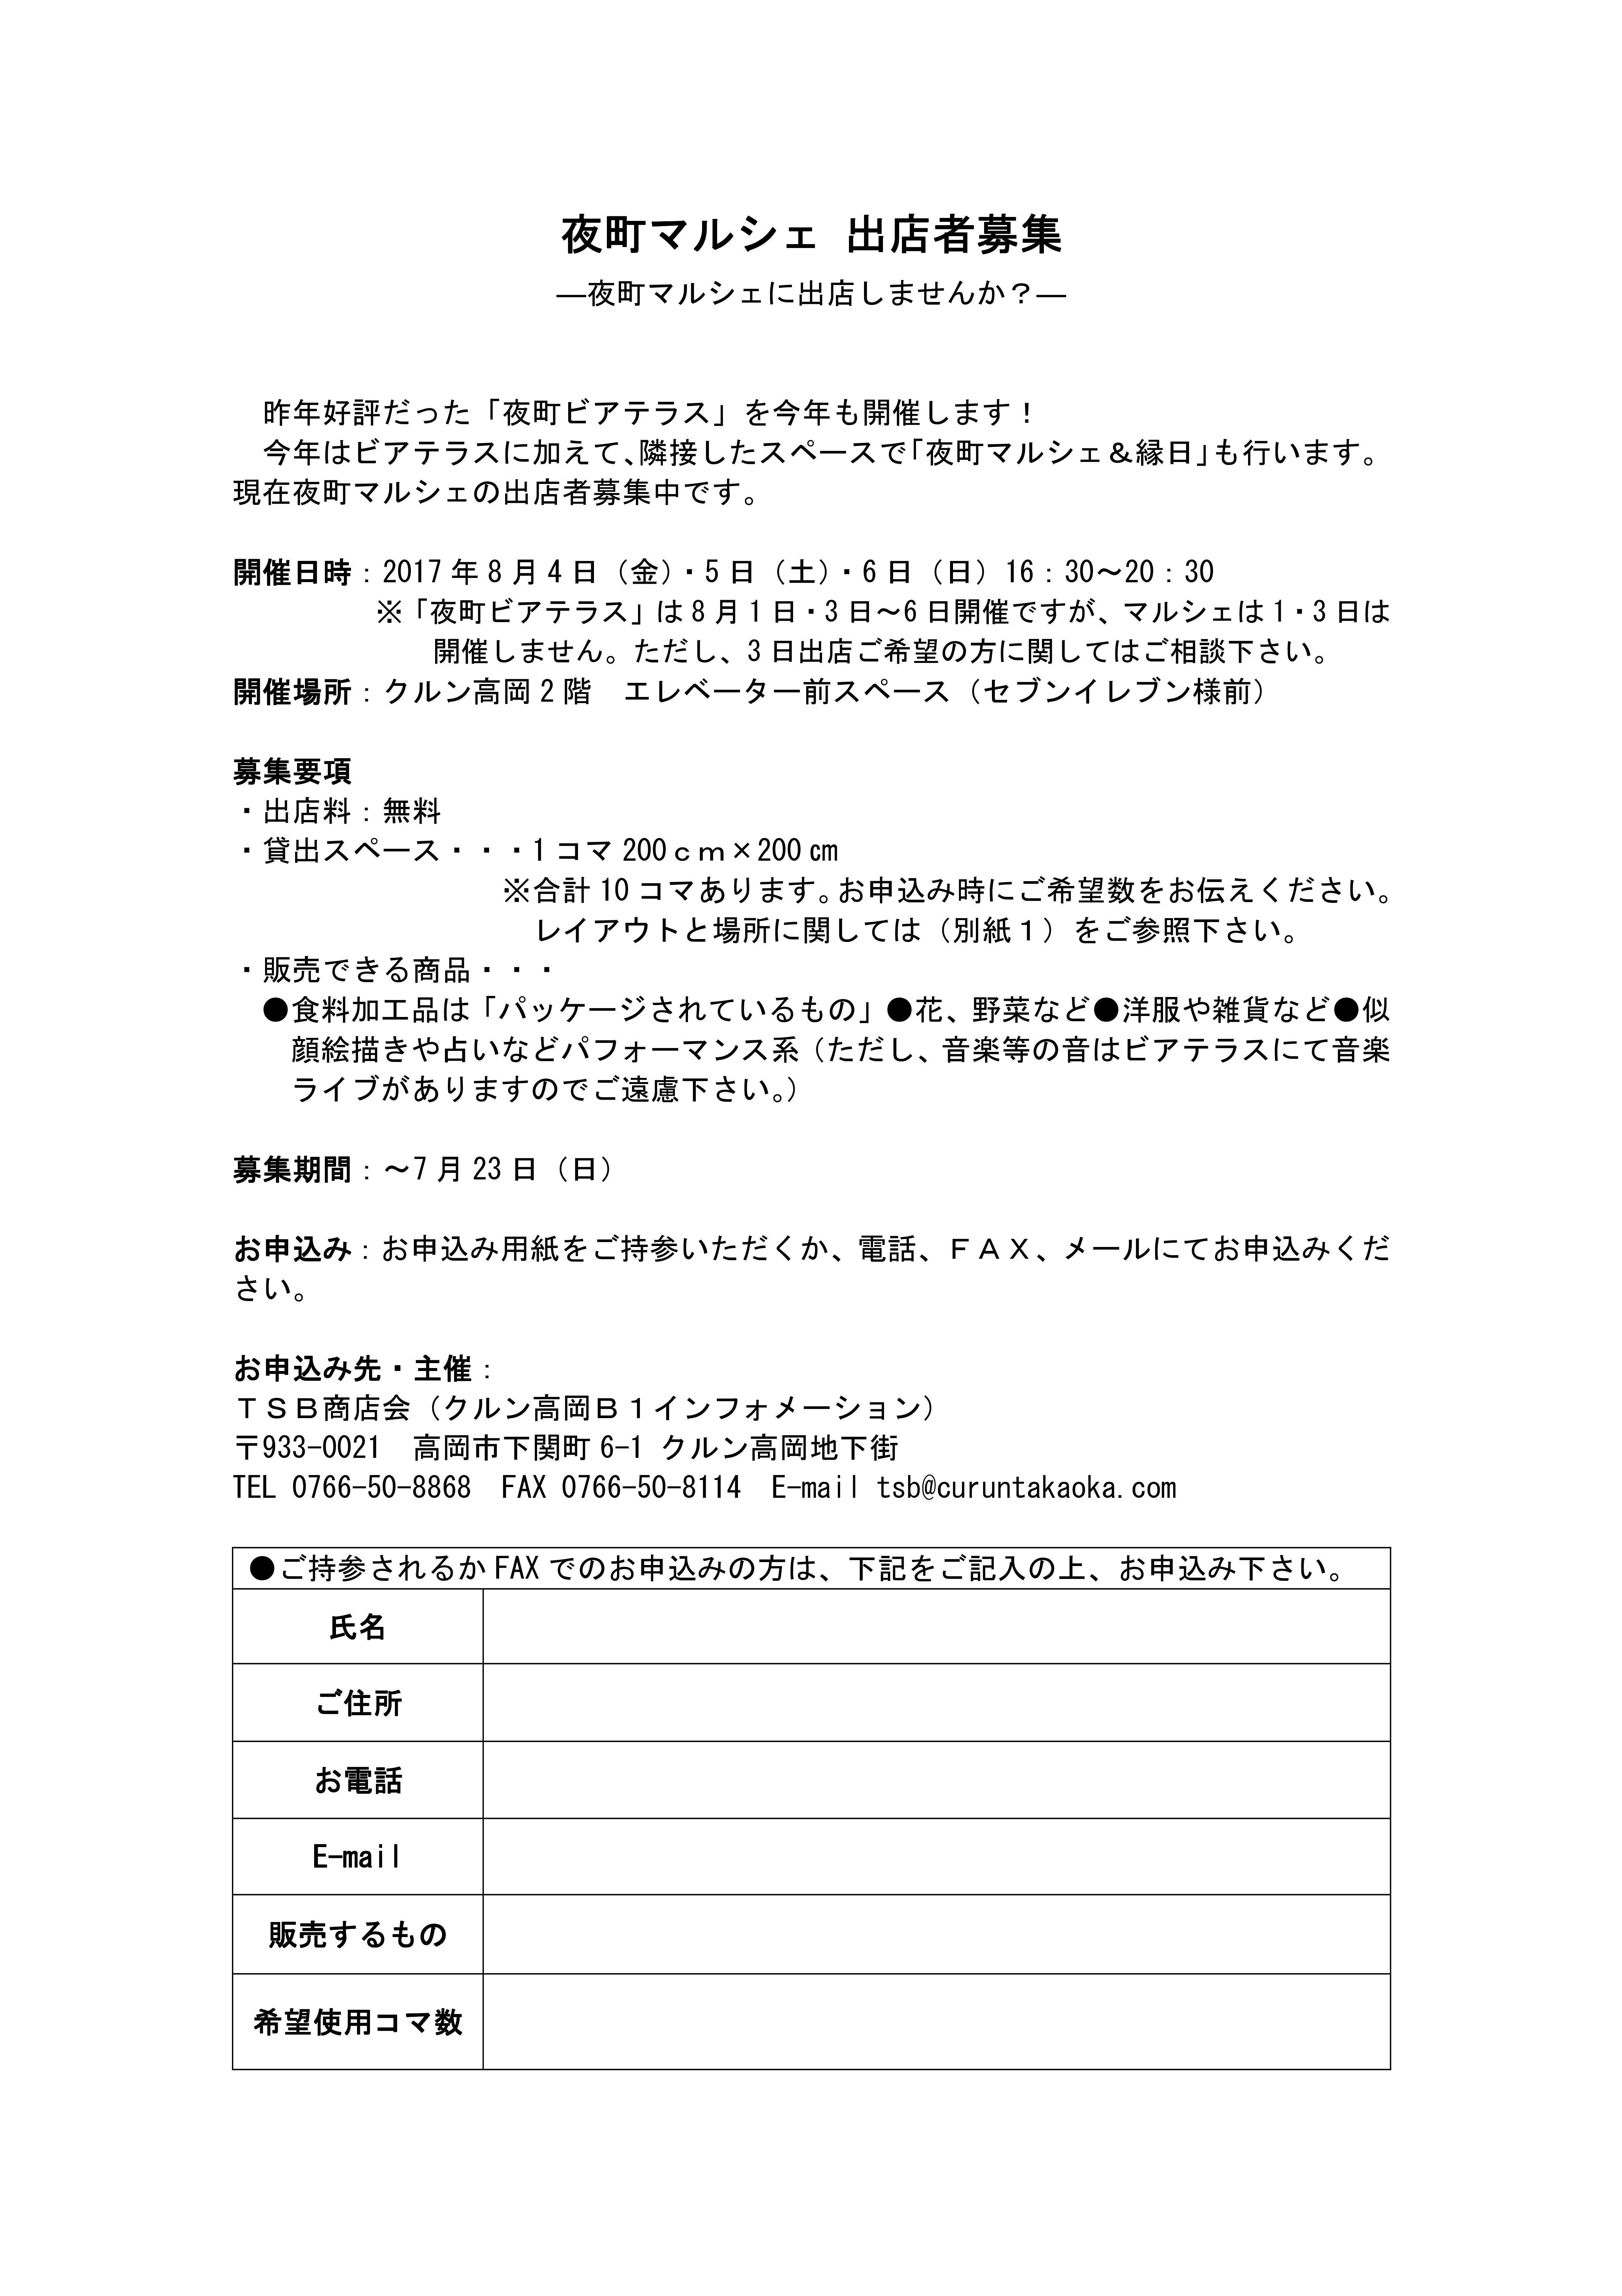 【募集要項】夜町マルシェ&縁日